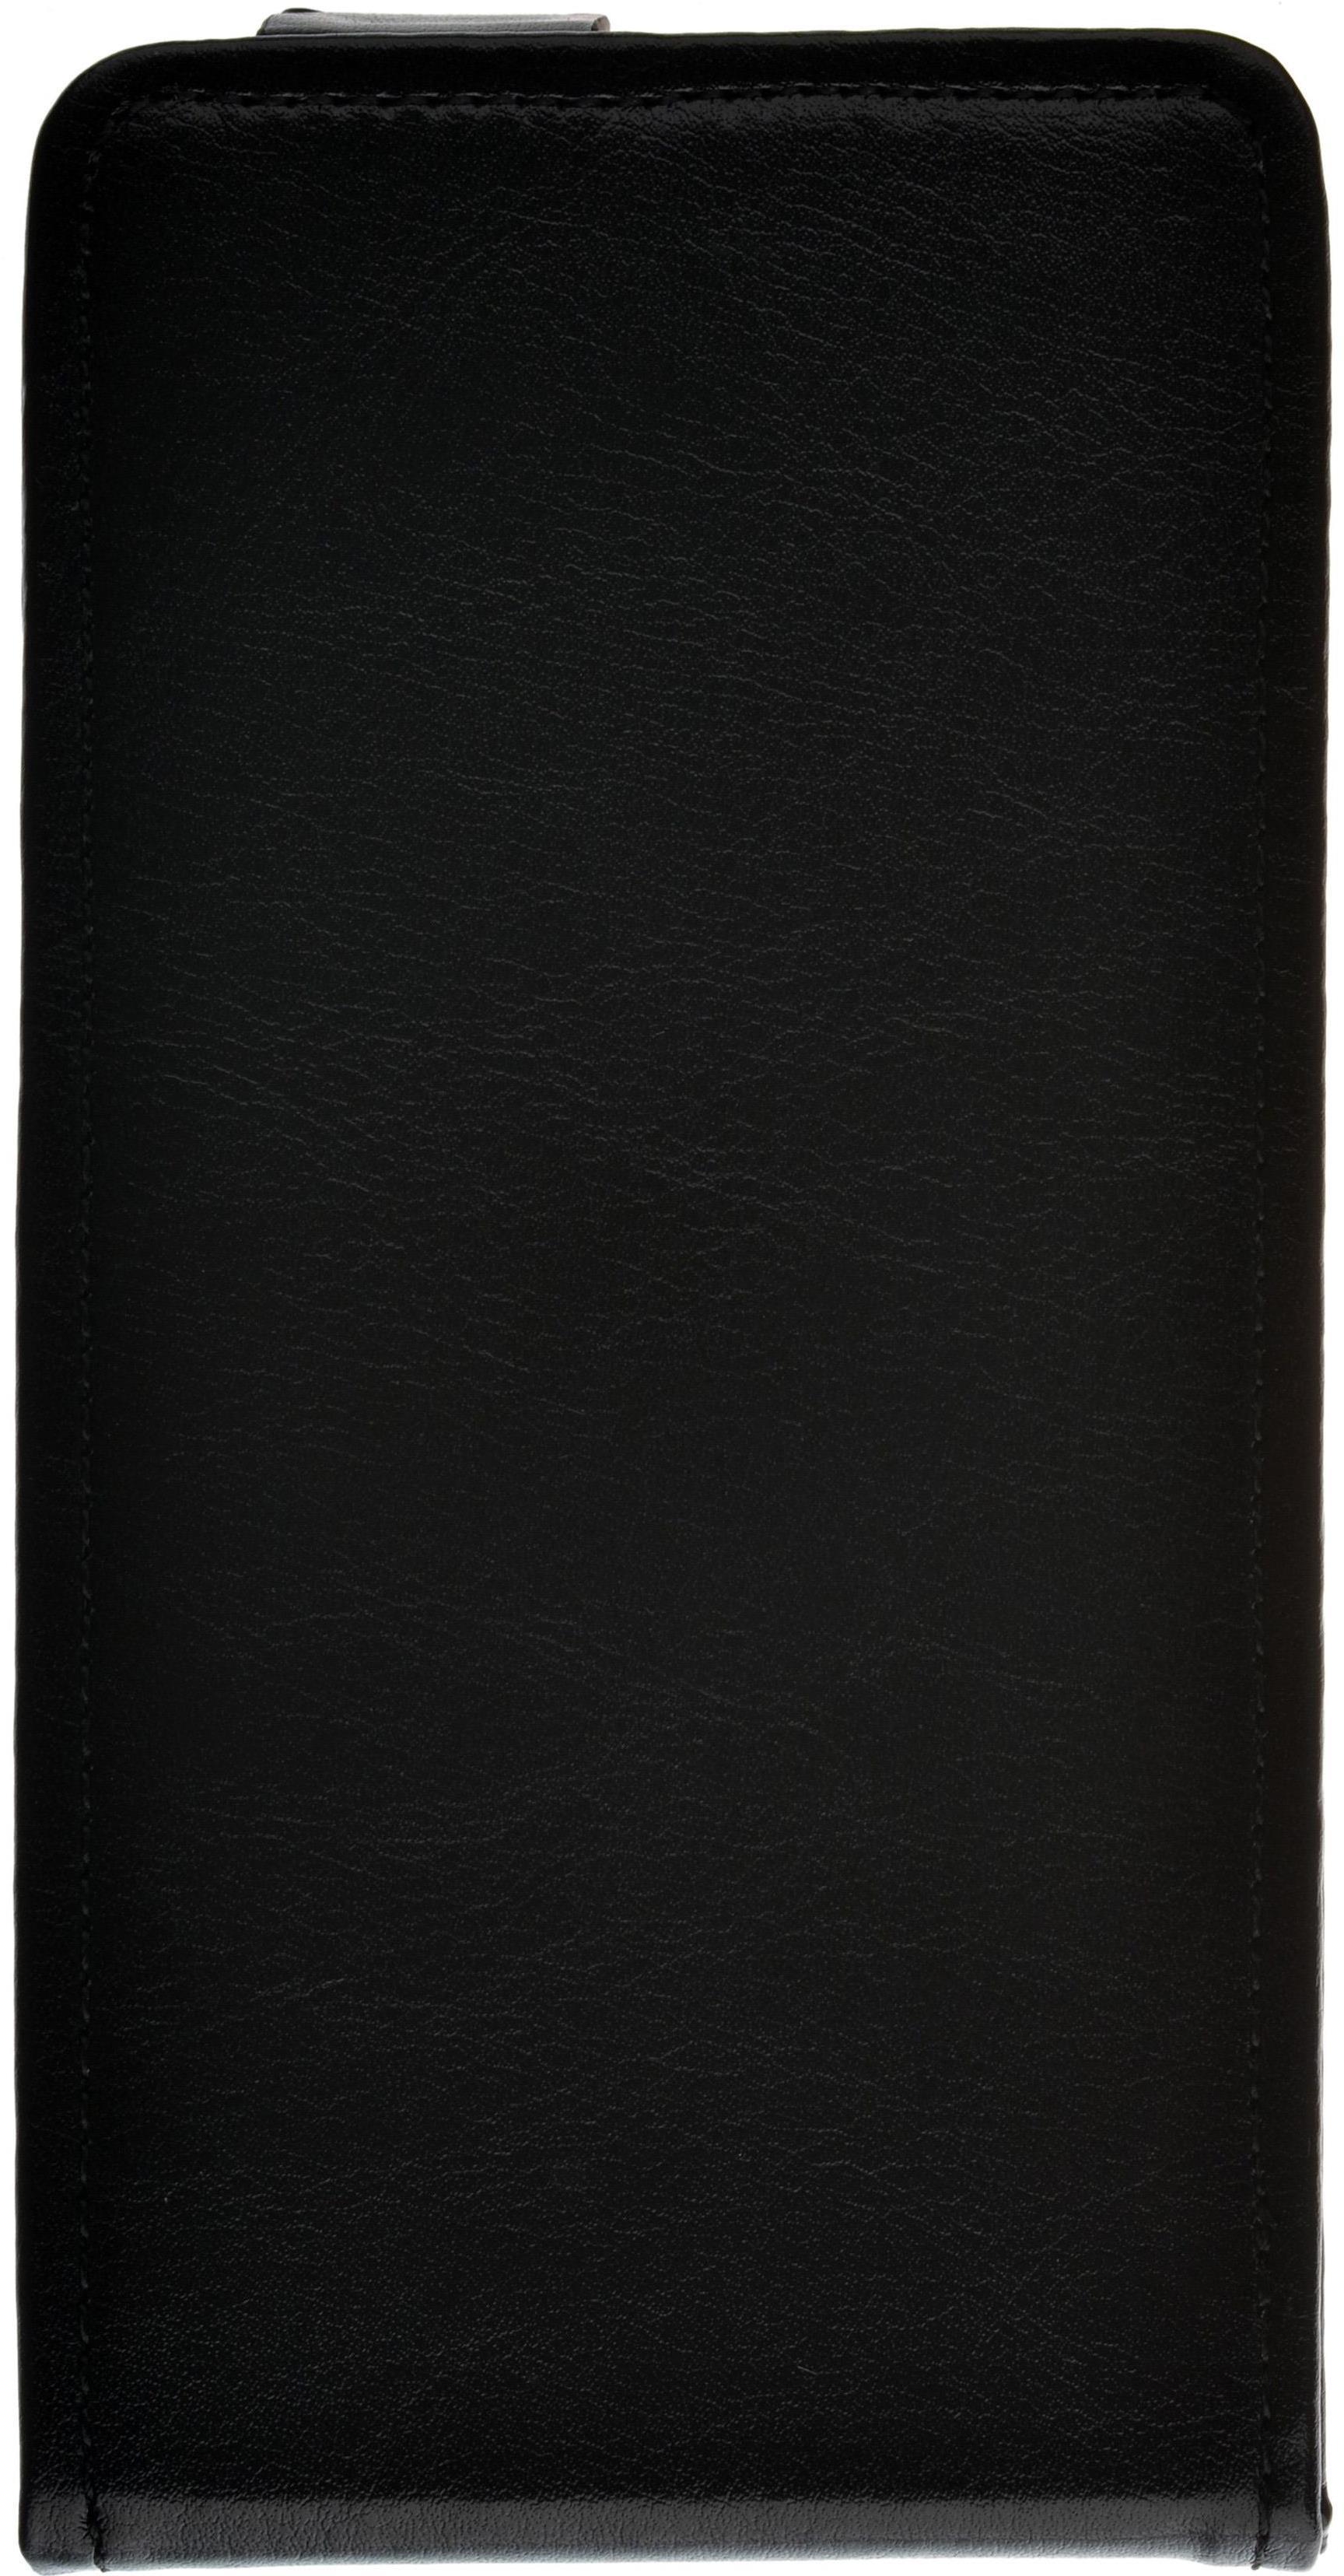 Чехол для сотового телефона skinBOX 4People, 4630042527119, черный стоимость